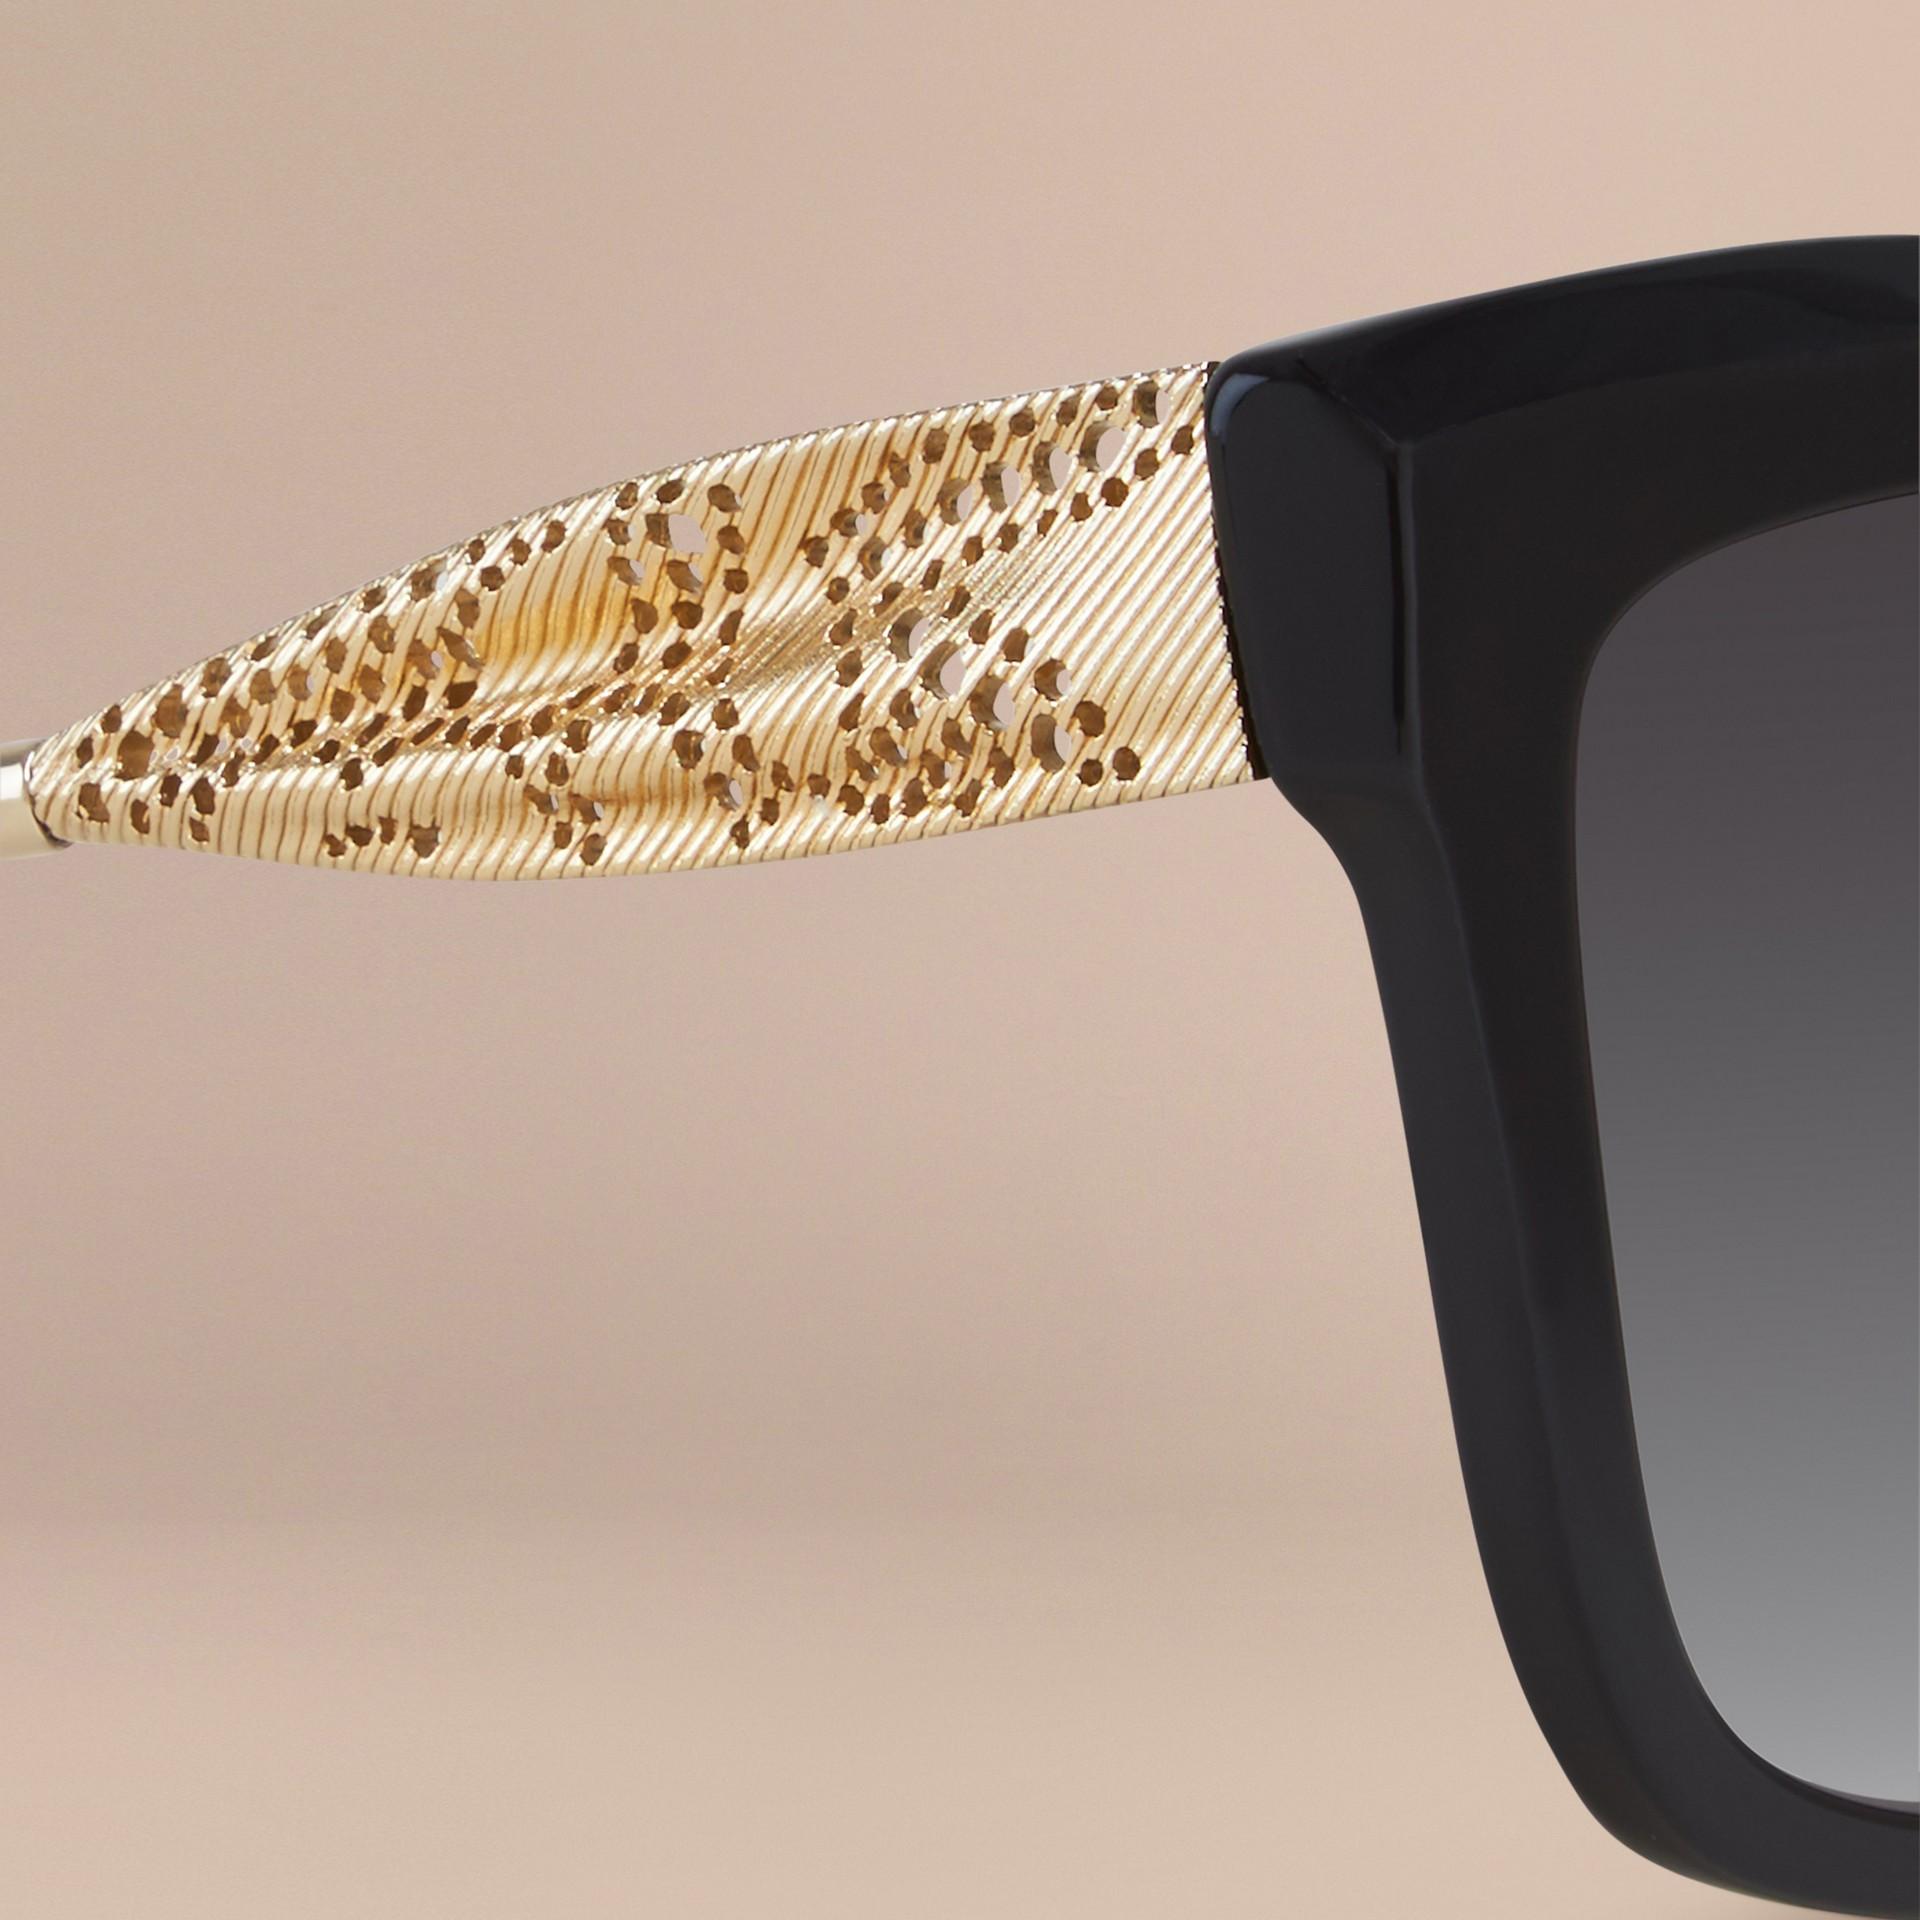 Preto Óculos de sol com armação quadrada da coleção Gabardine Lace Preto - galeria de imagens 2